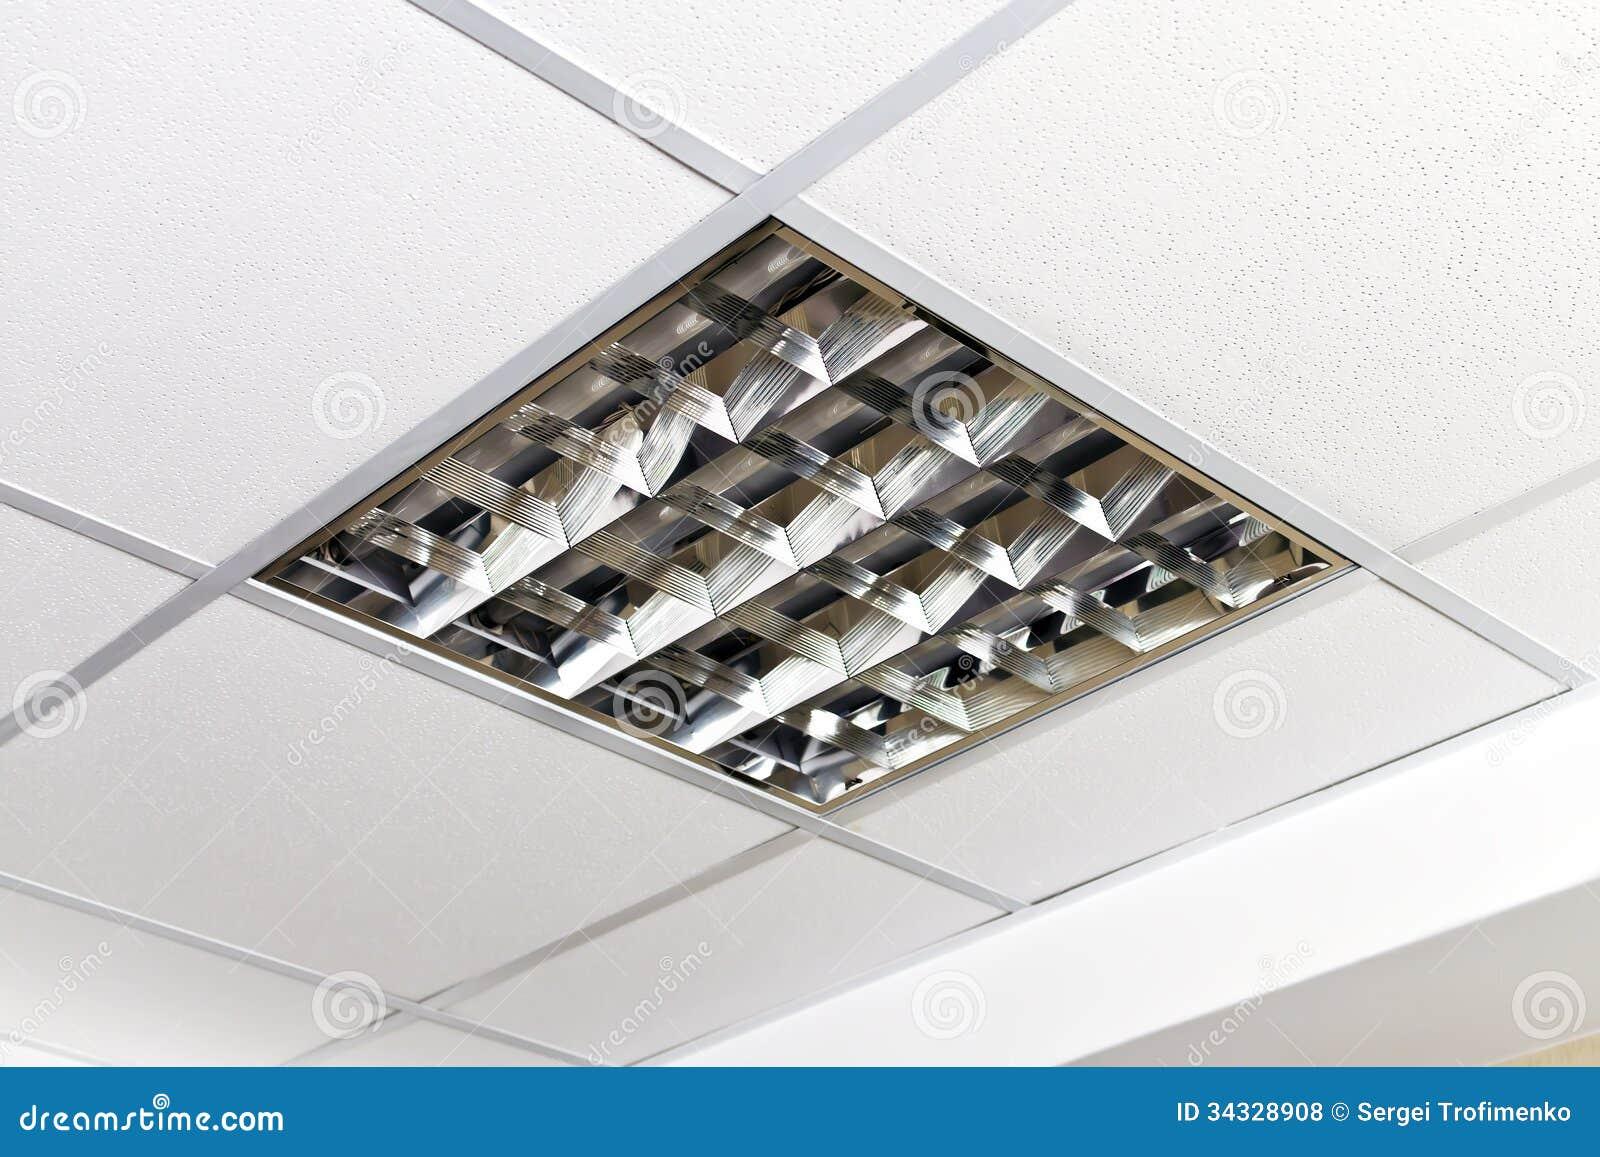 Lampe Moderne Sur Le Plafond Du Bureau Photo Stock Image Du Lampe